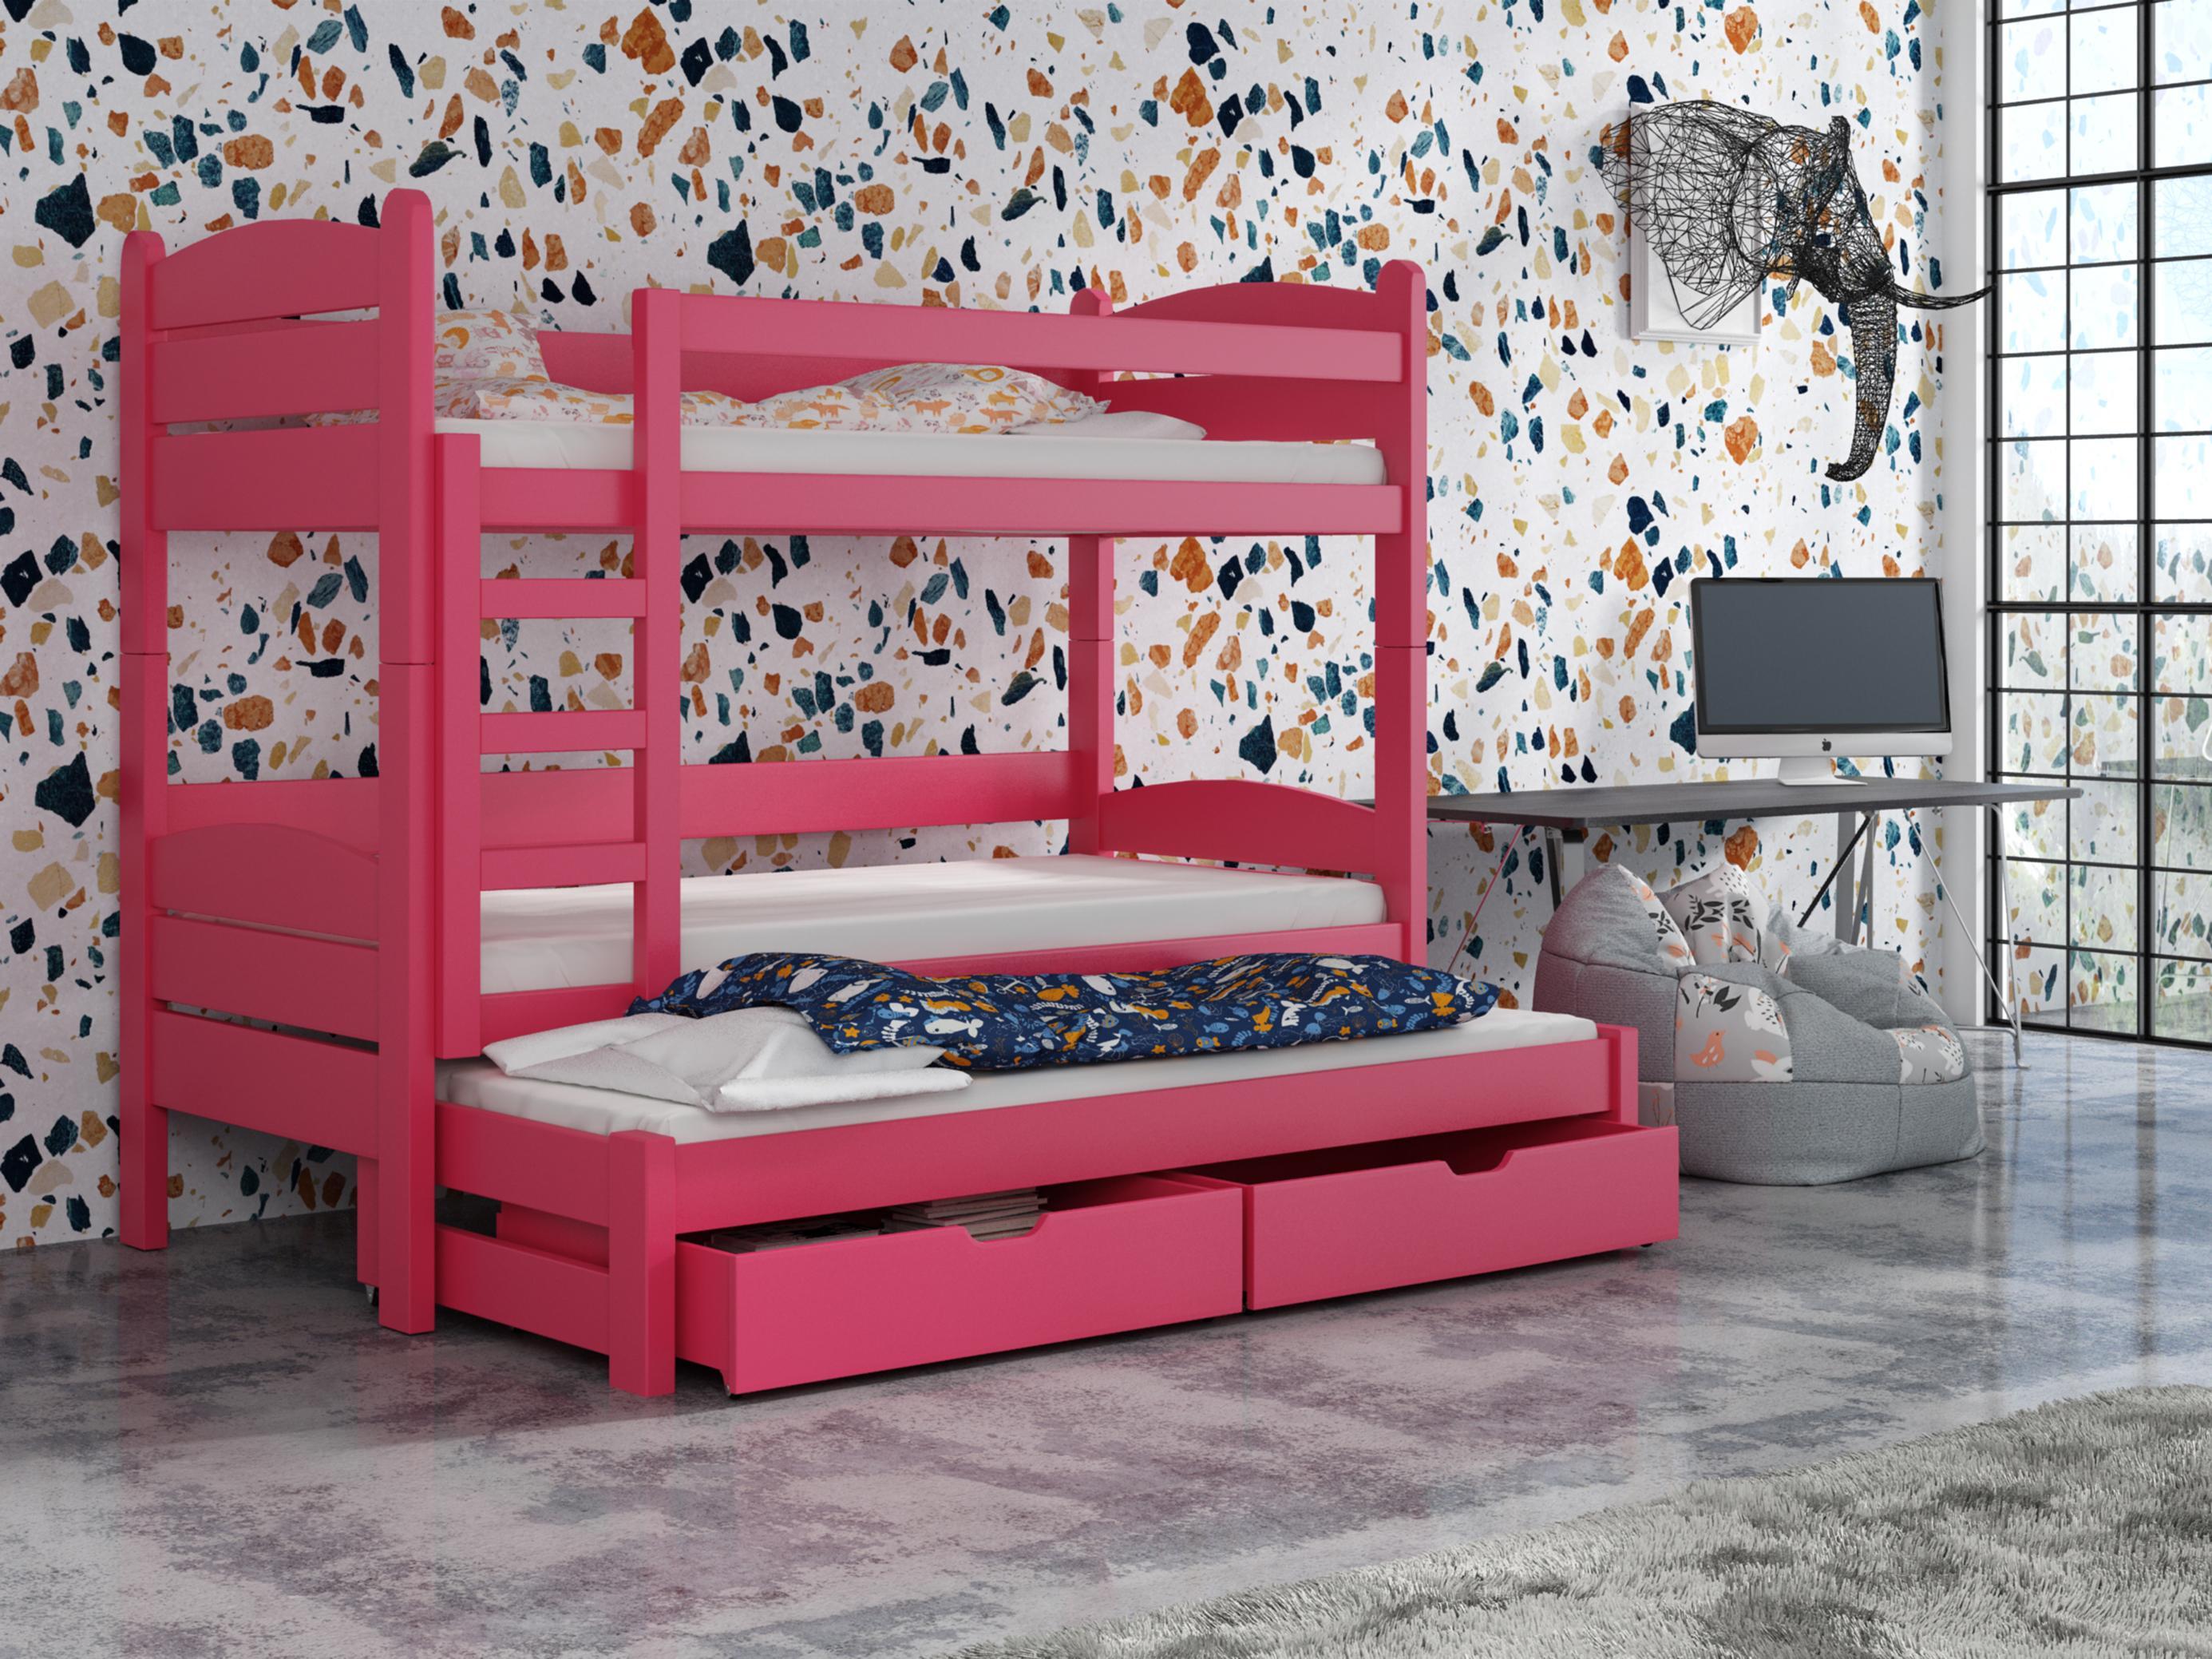 Dětská patrová postel 90 cm - Celsa (růžová)